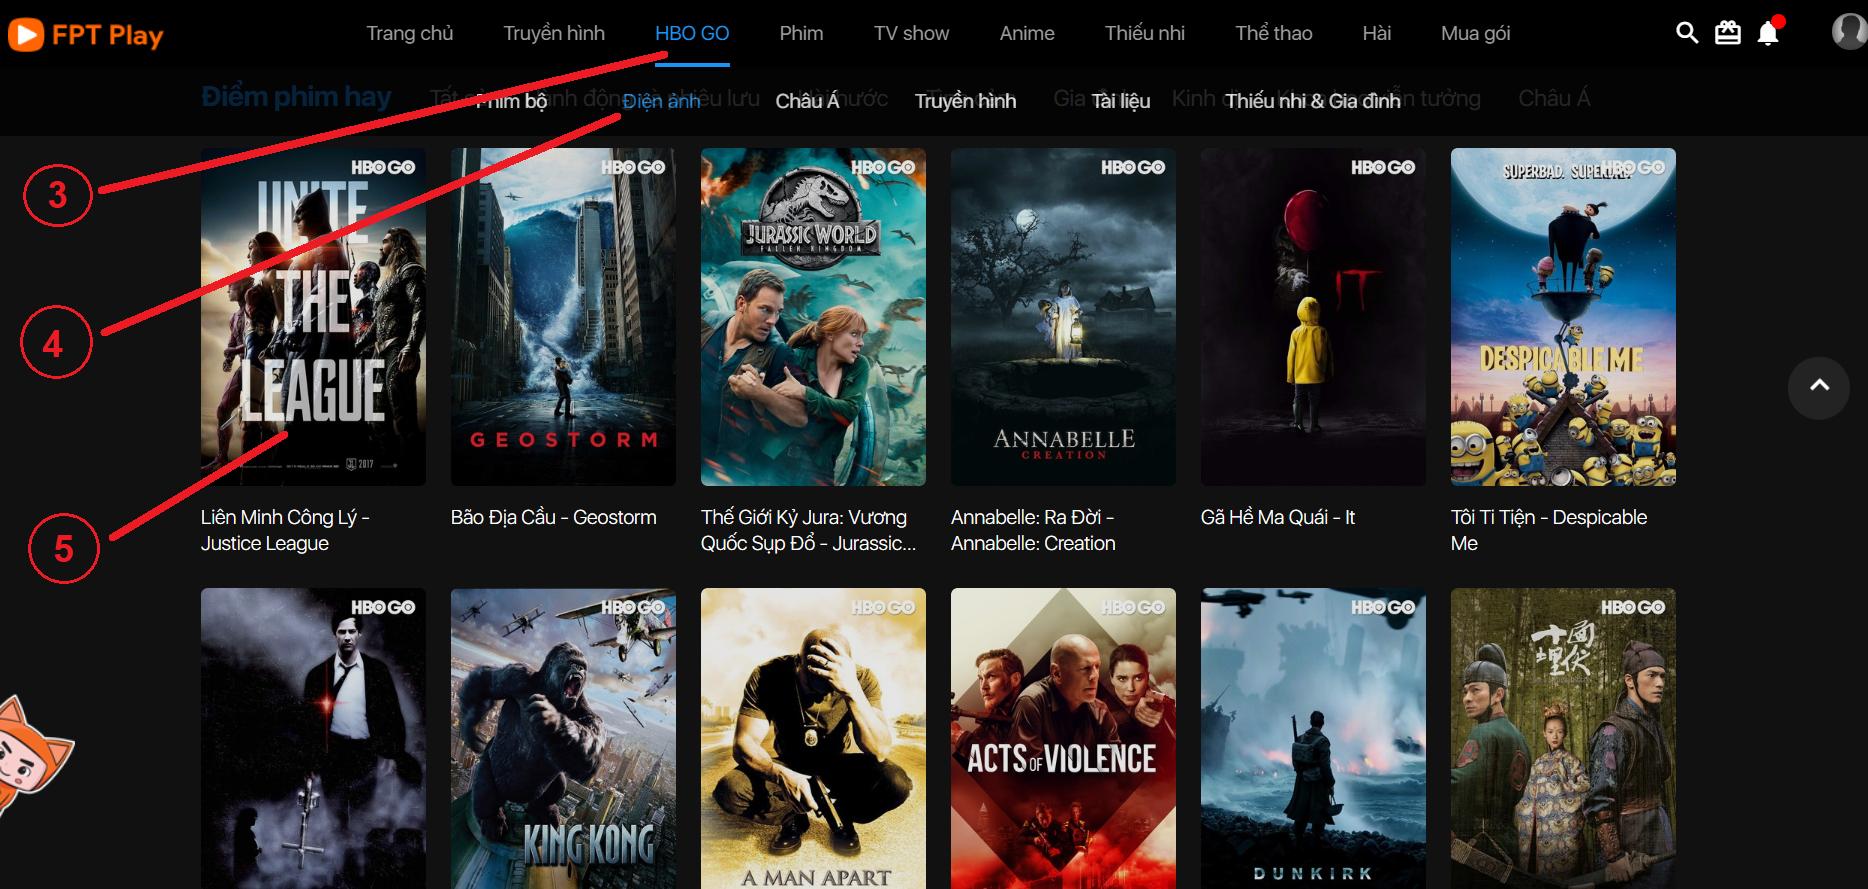 bước 3,4,5 mua gói kênh  HBO GO